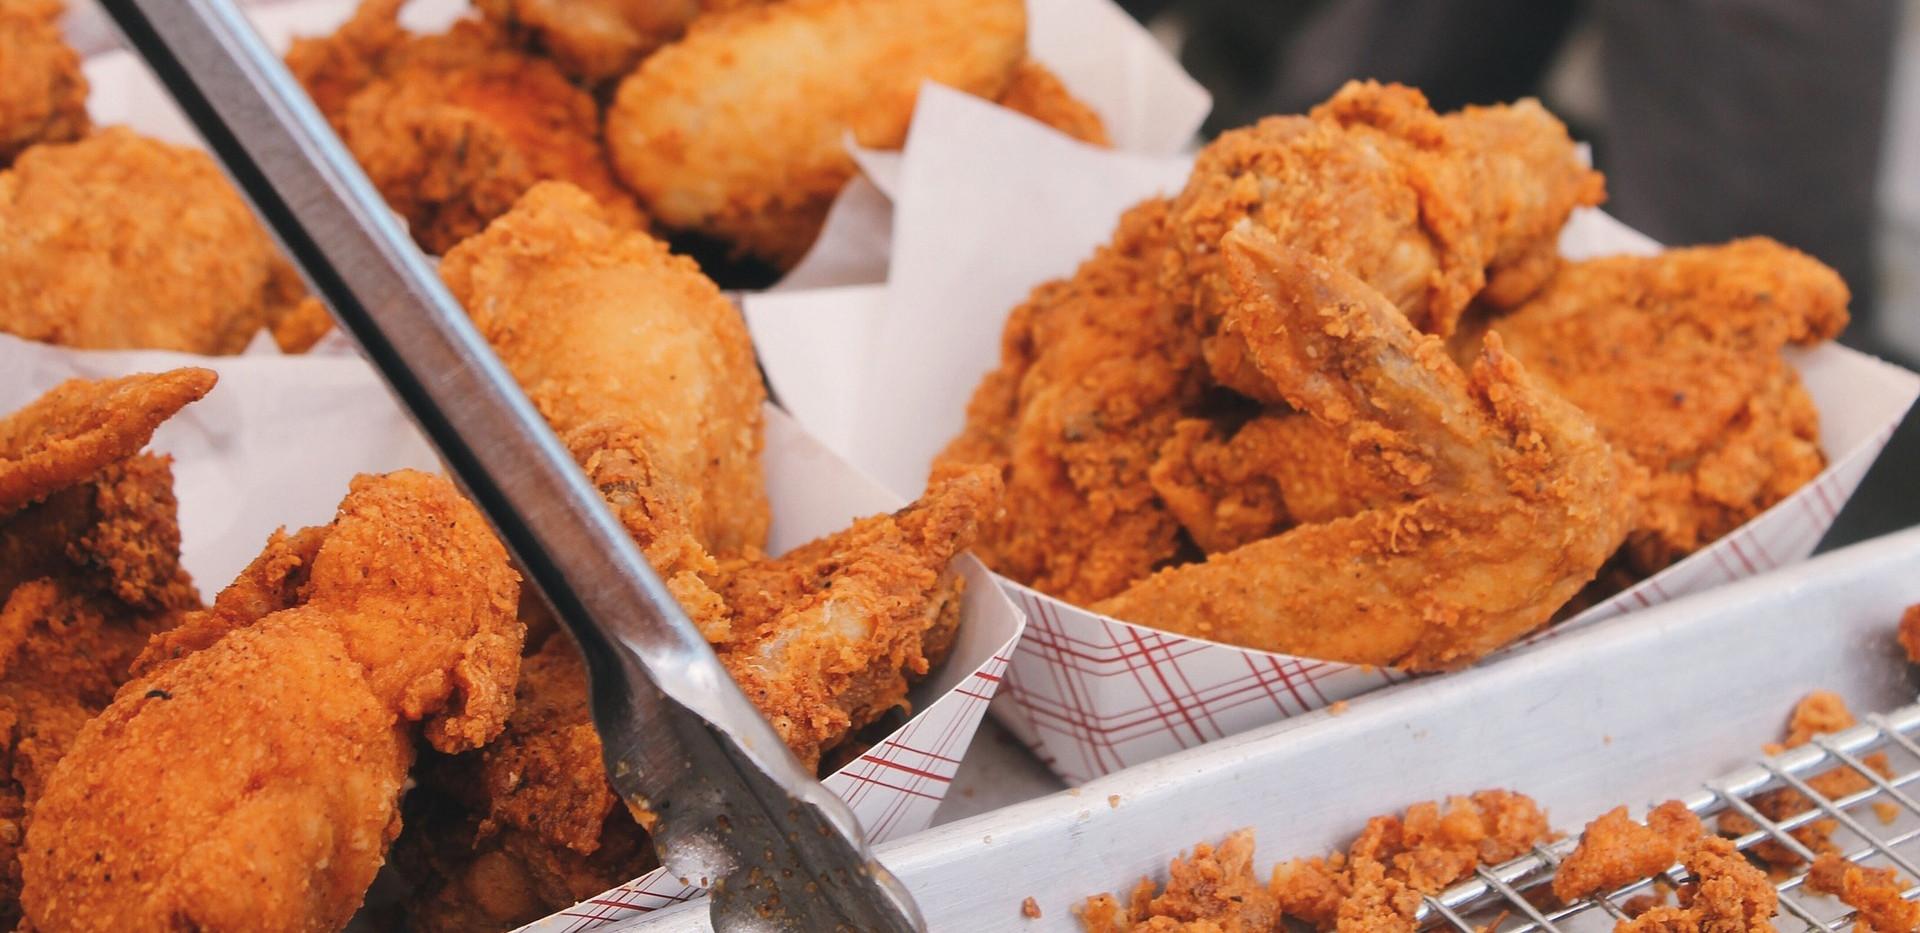 fried-chicken-690039_1920.jpg